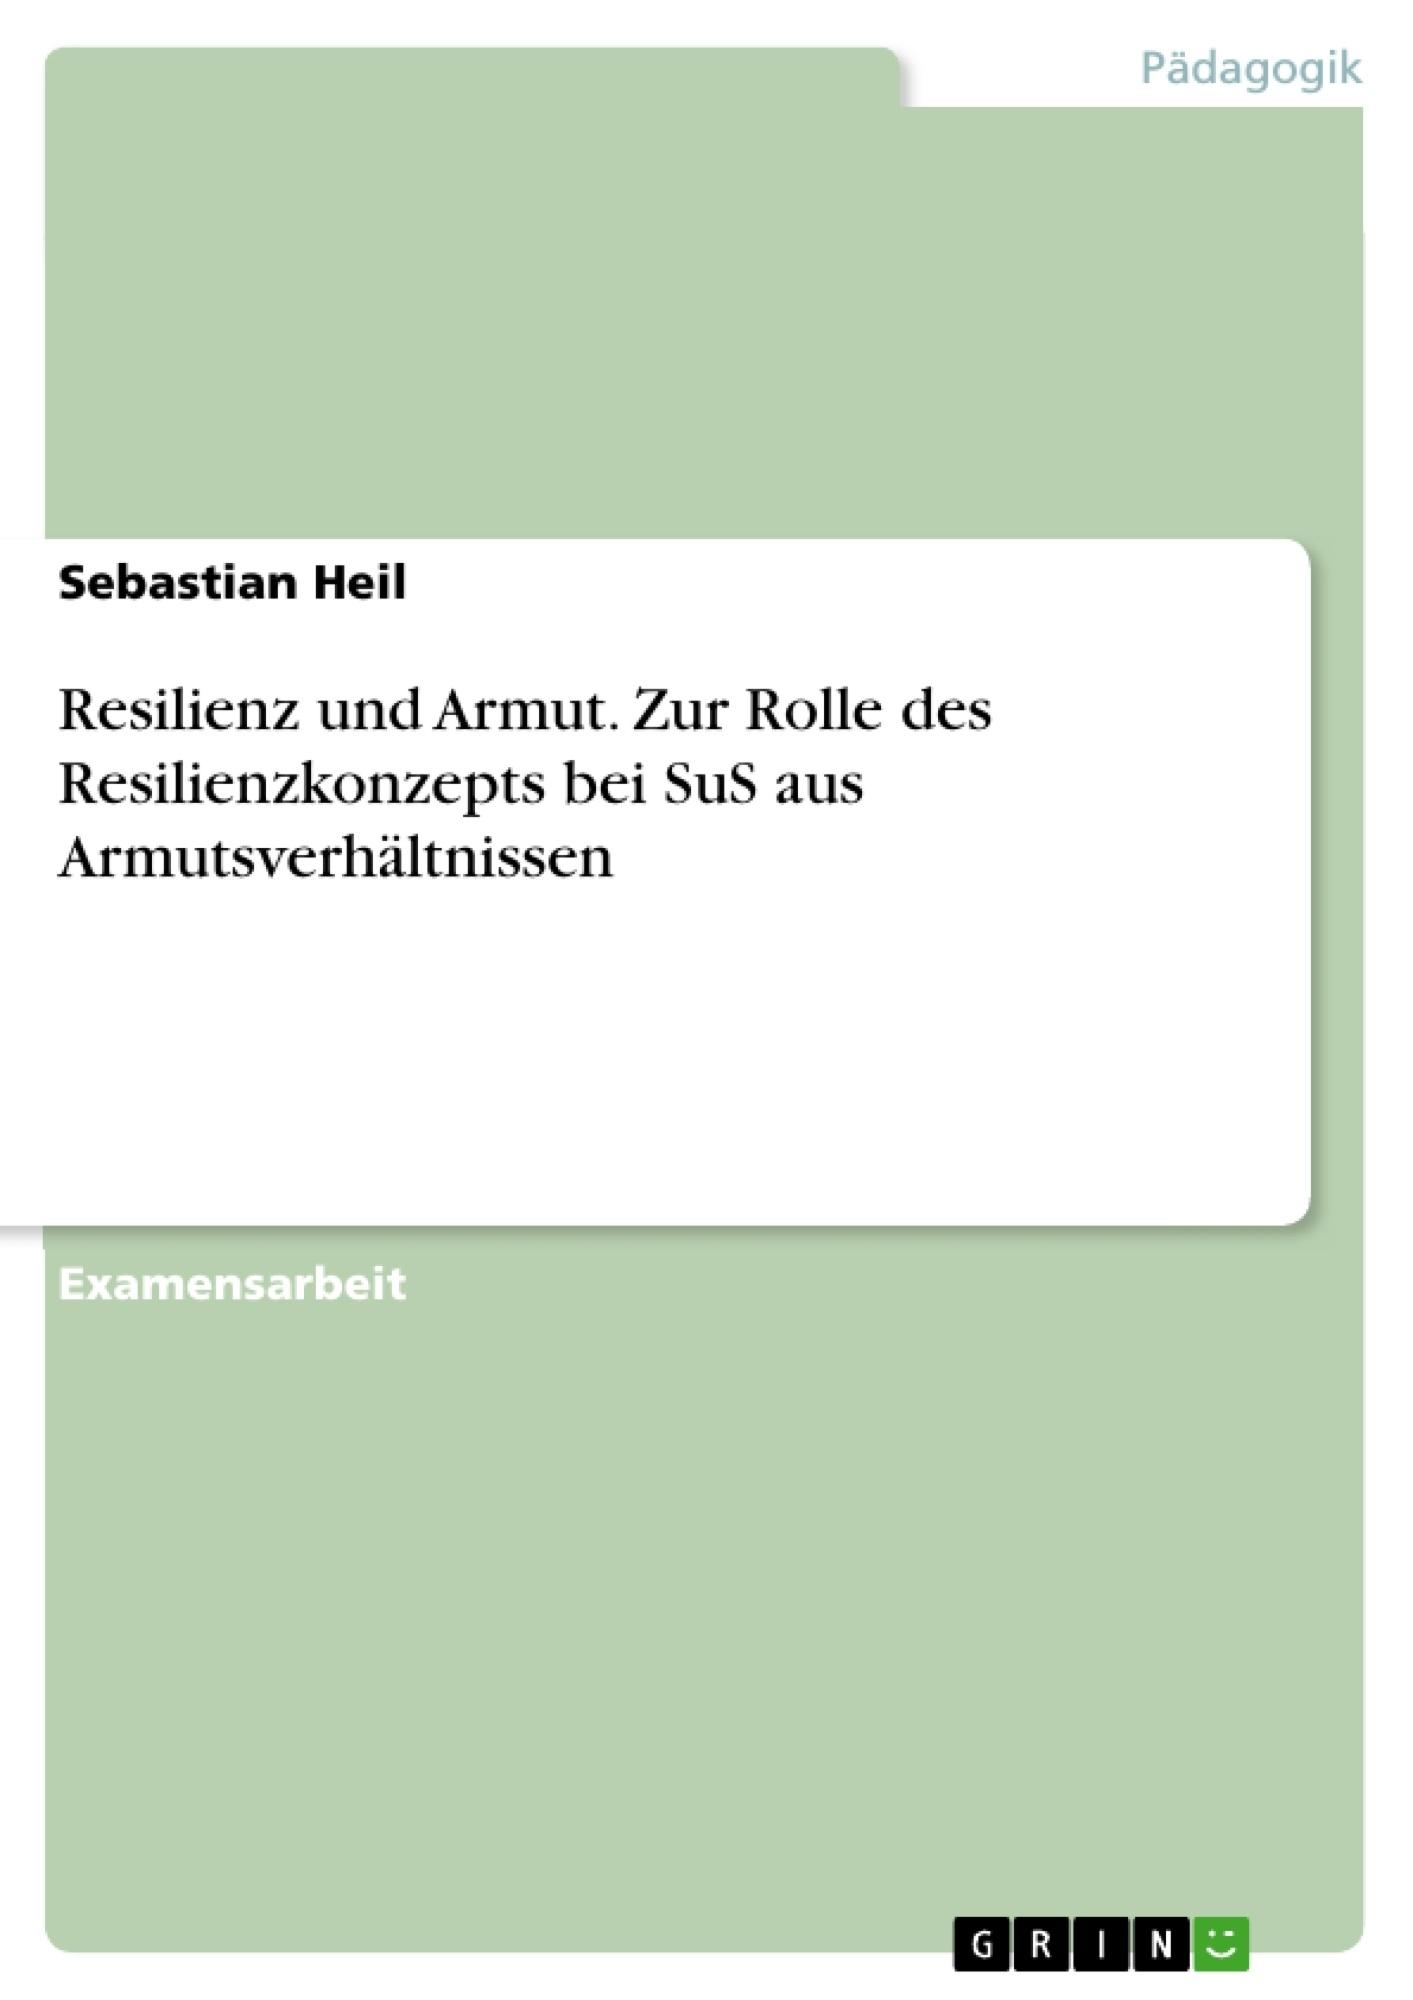 Titel: Resilienz und Armut. Zur Rolle des Resilienzkonzepts bei SuS aus Armutsverhältnissen